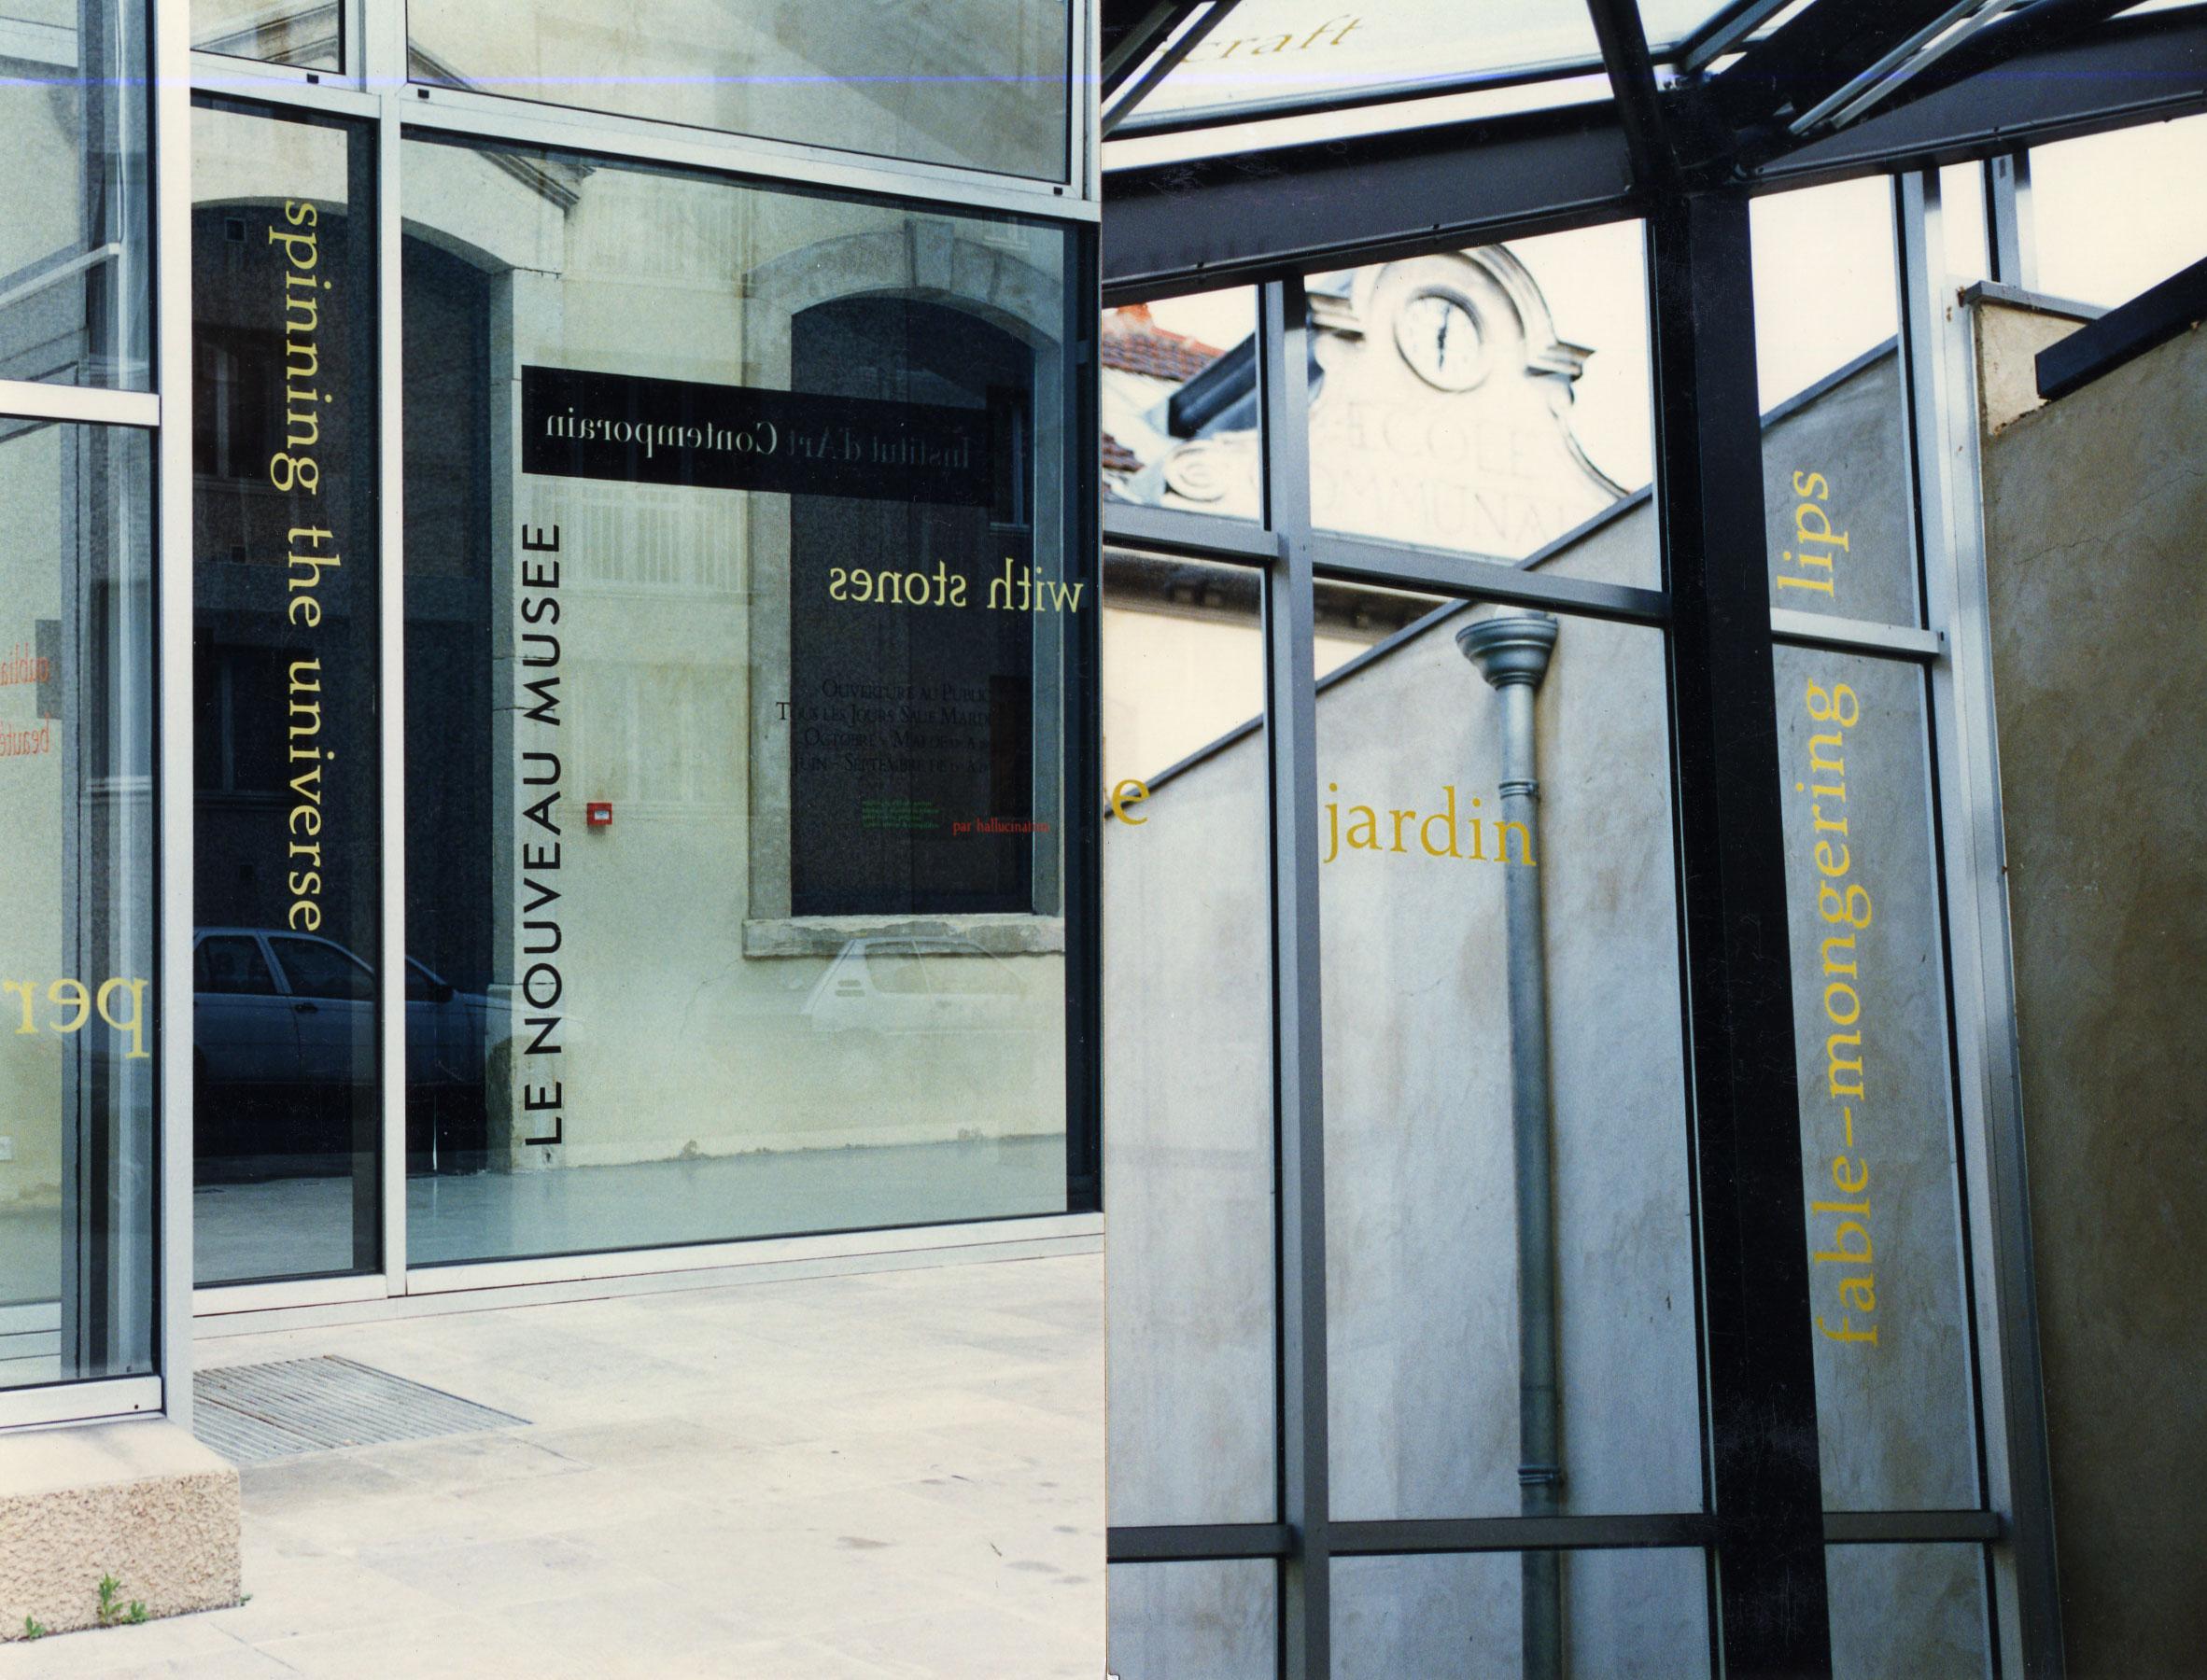 Le Nouveau Musée, 1997 (2 of 2)